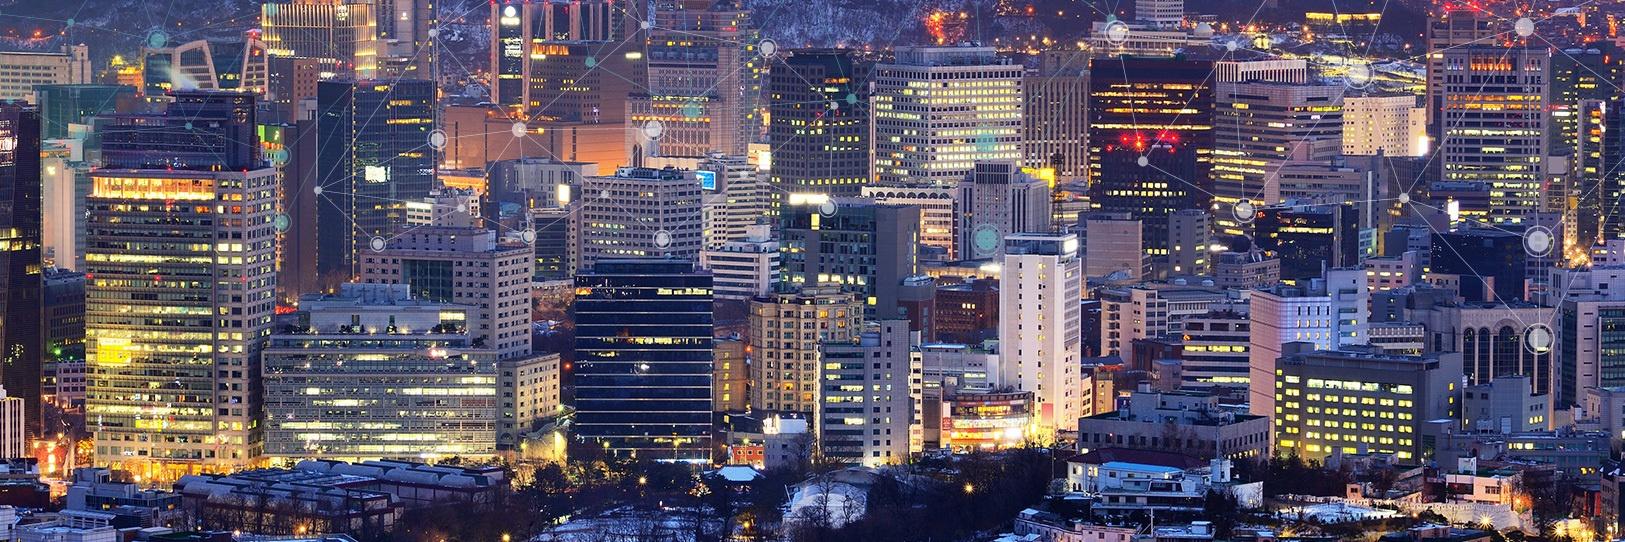 Global Data Protection Laws: South Korea